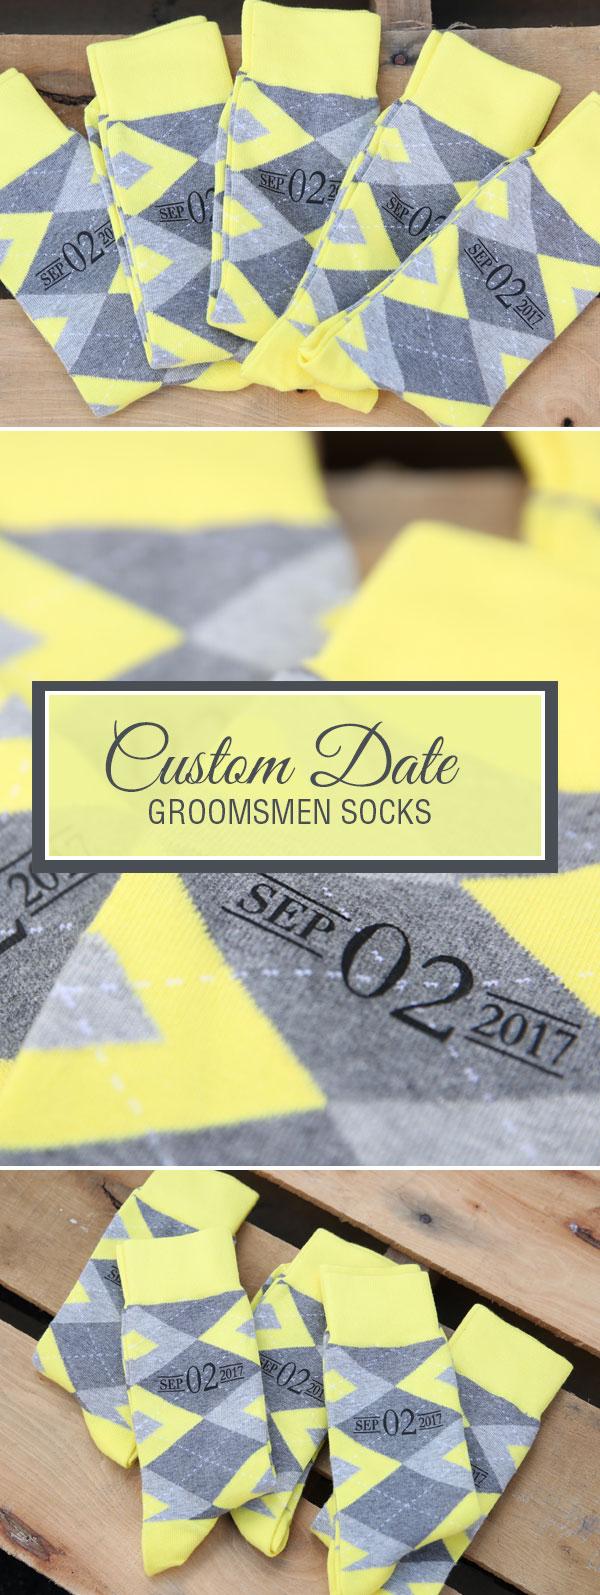 Example of Custom Print Lemon Yellow Gray Argyle Men's Groomsmen Wedding Dress Socks from boldSOCKS